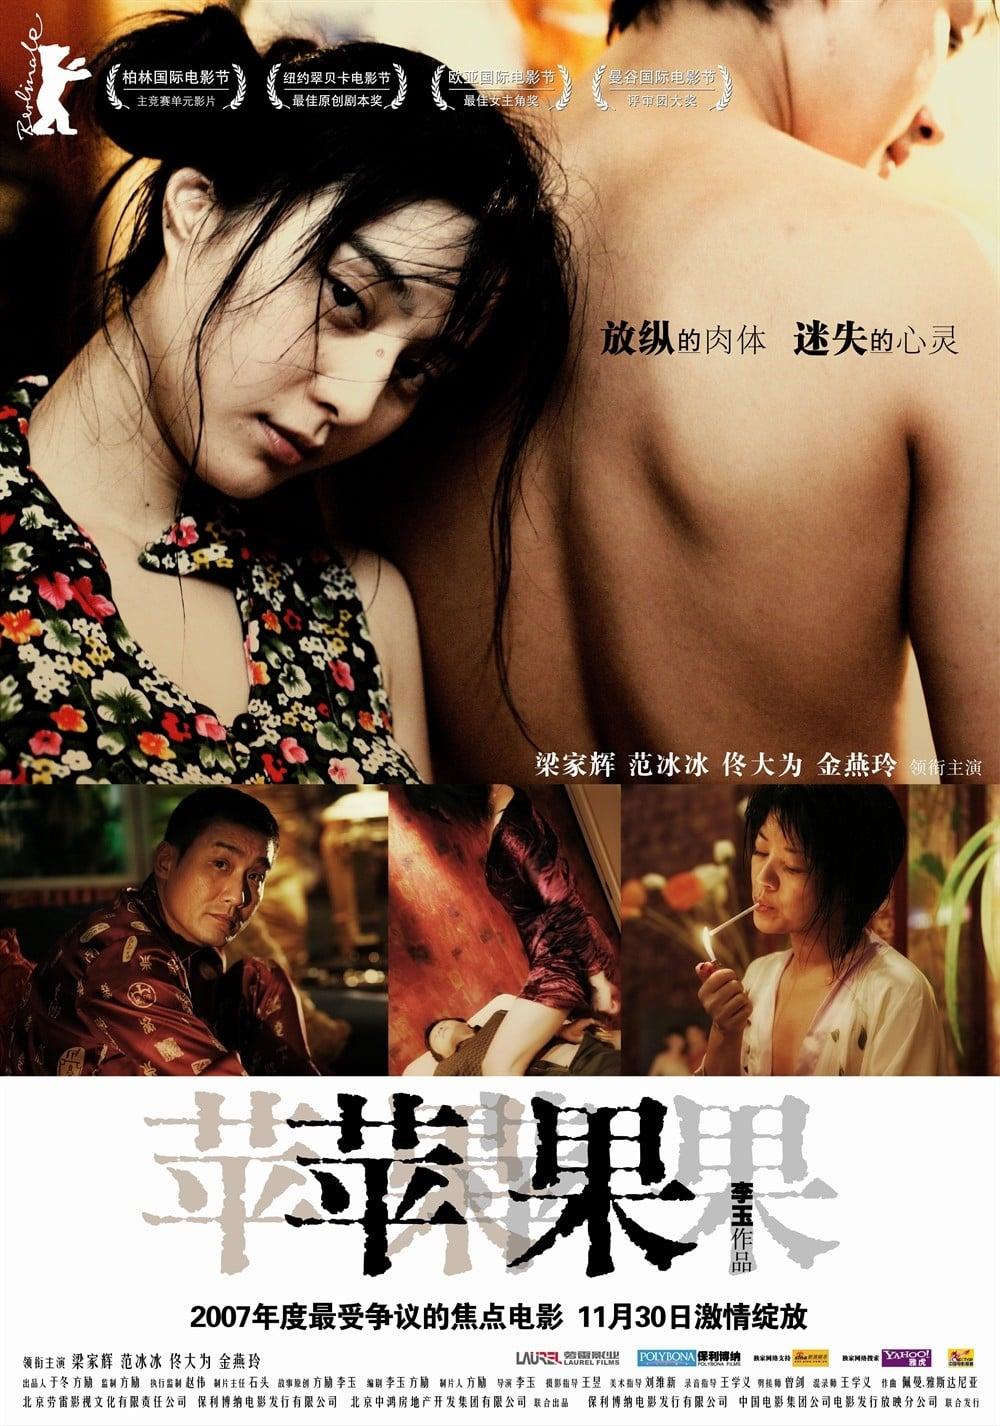 Những bộ phim 18 hay nhất lịch sử Trung Quốc:Lạc lối ở Bắc Kinh